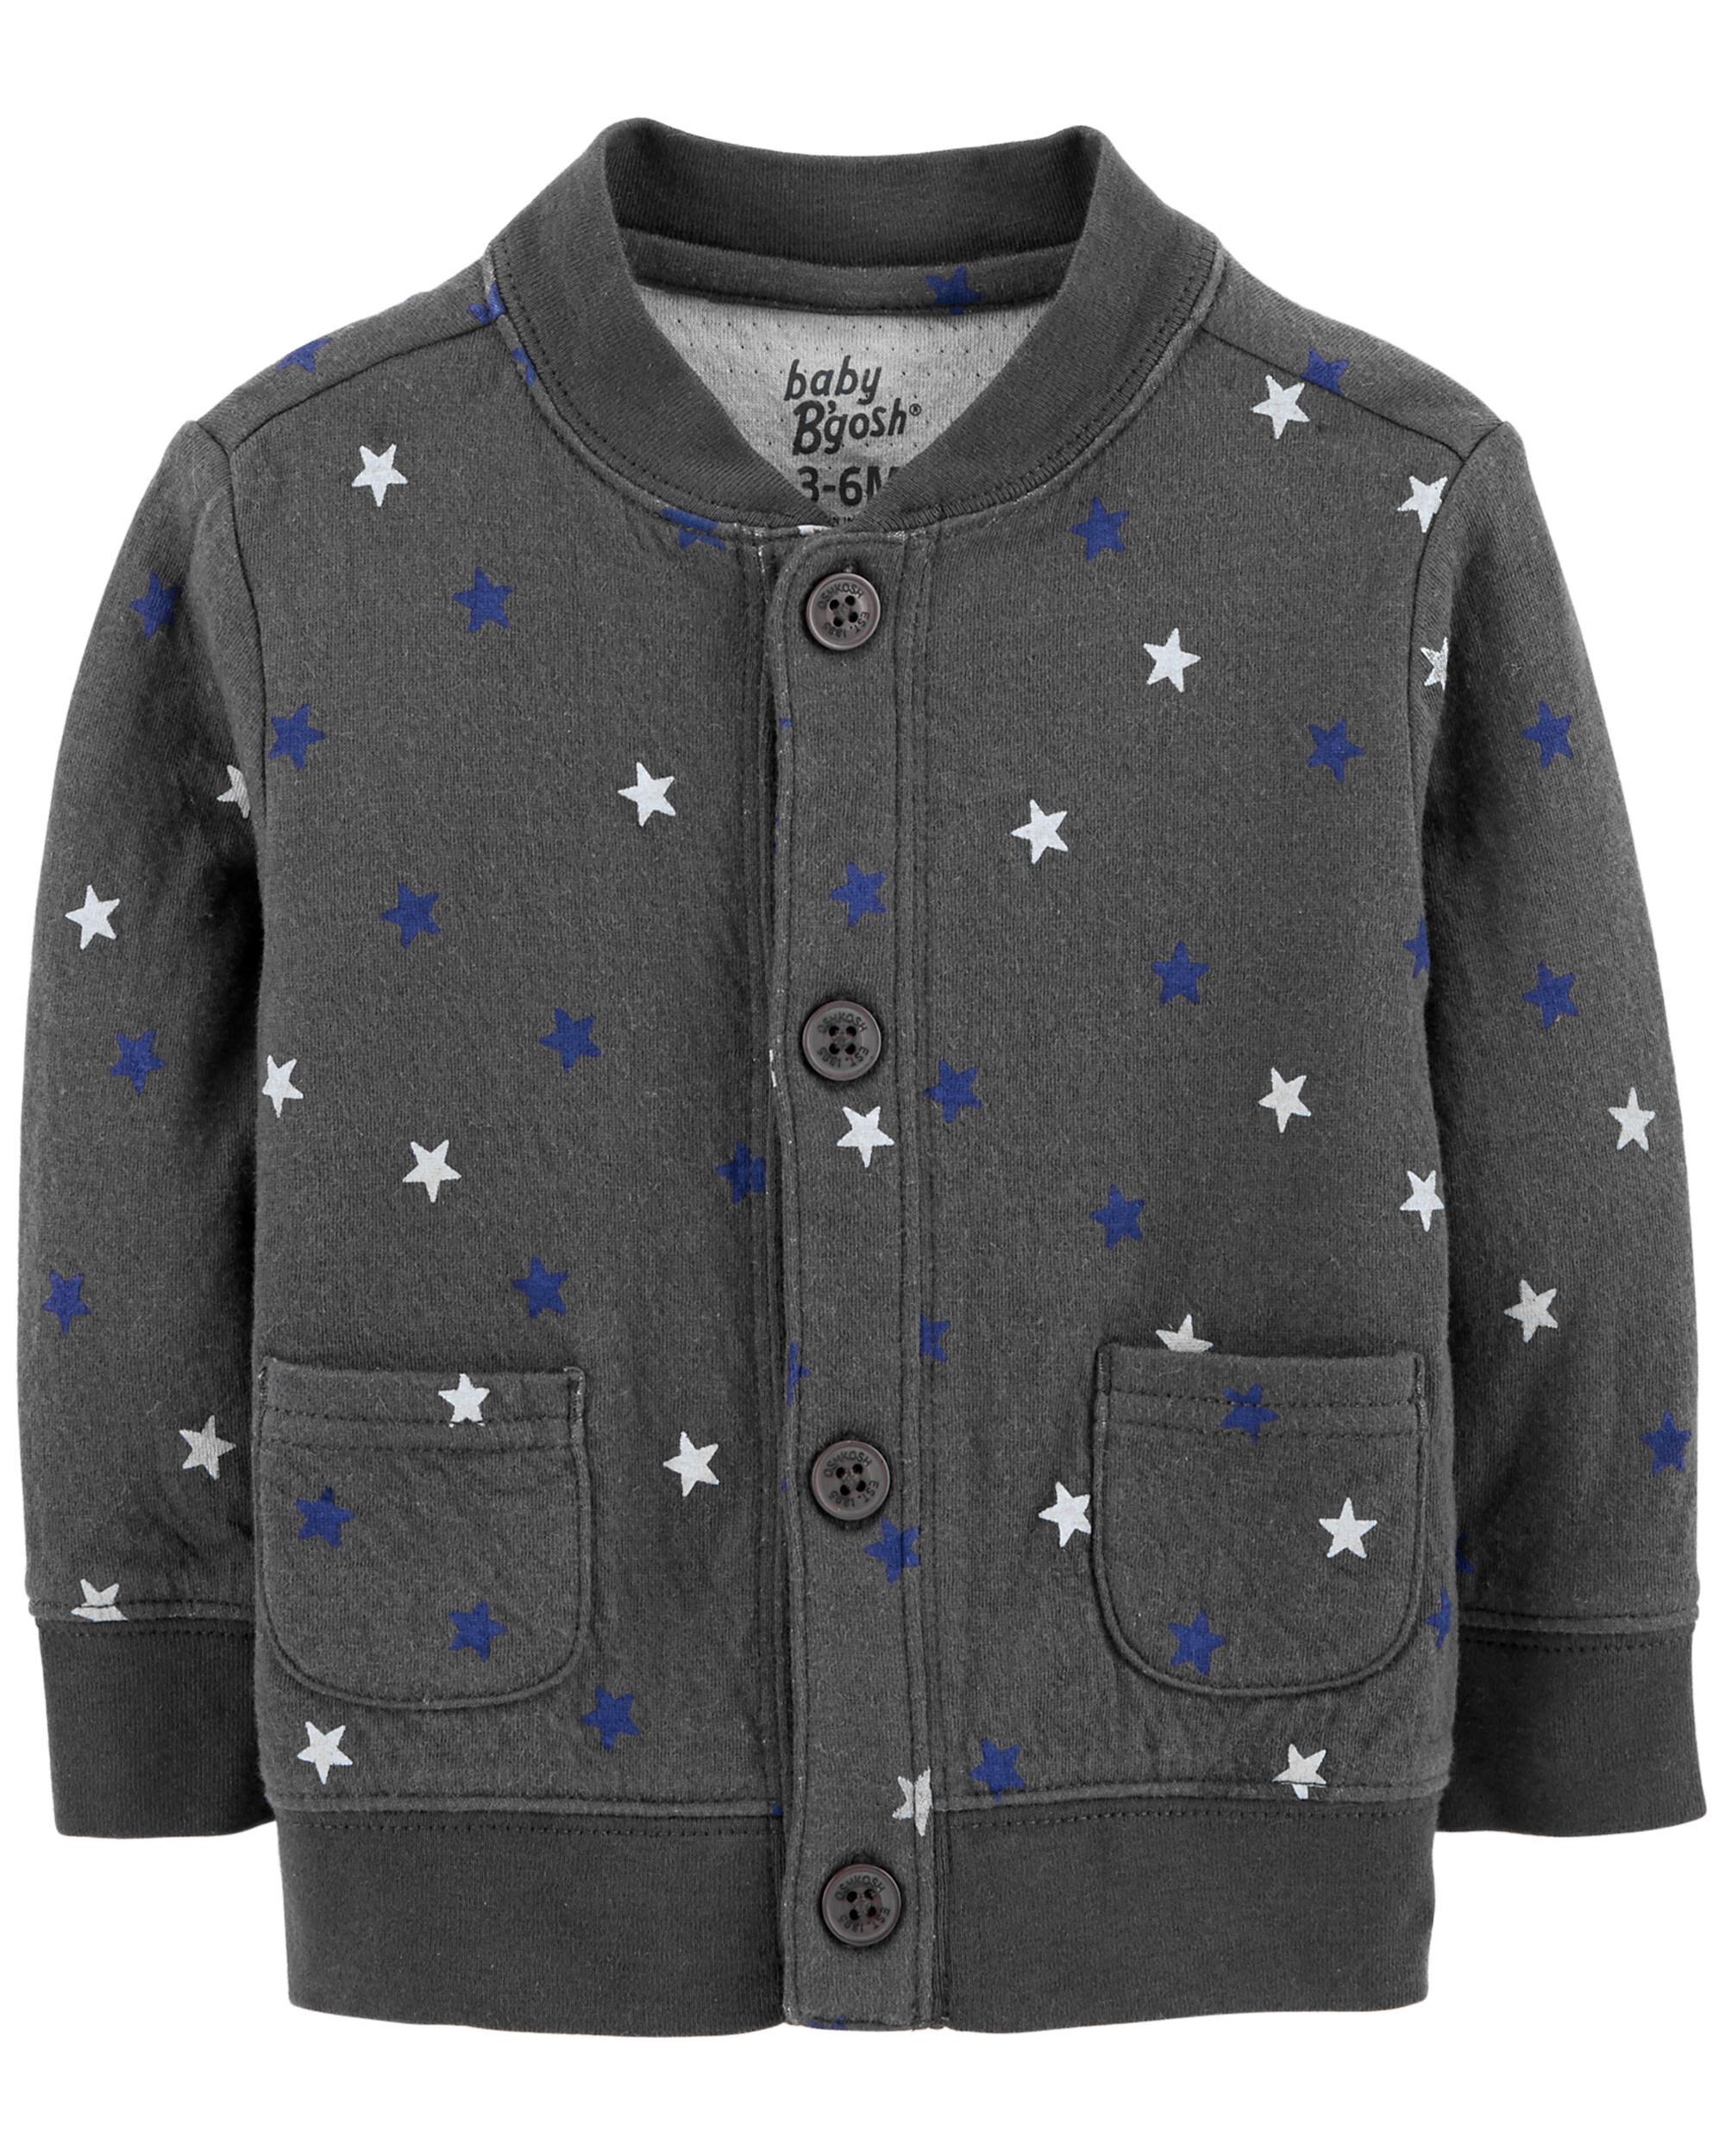 3f120e299 Star Cardigan